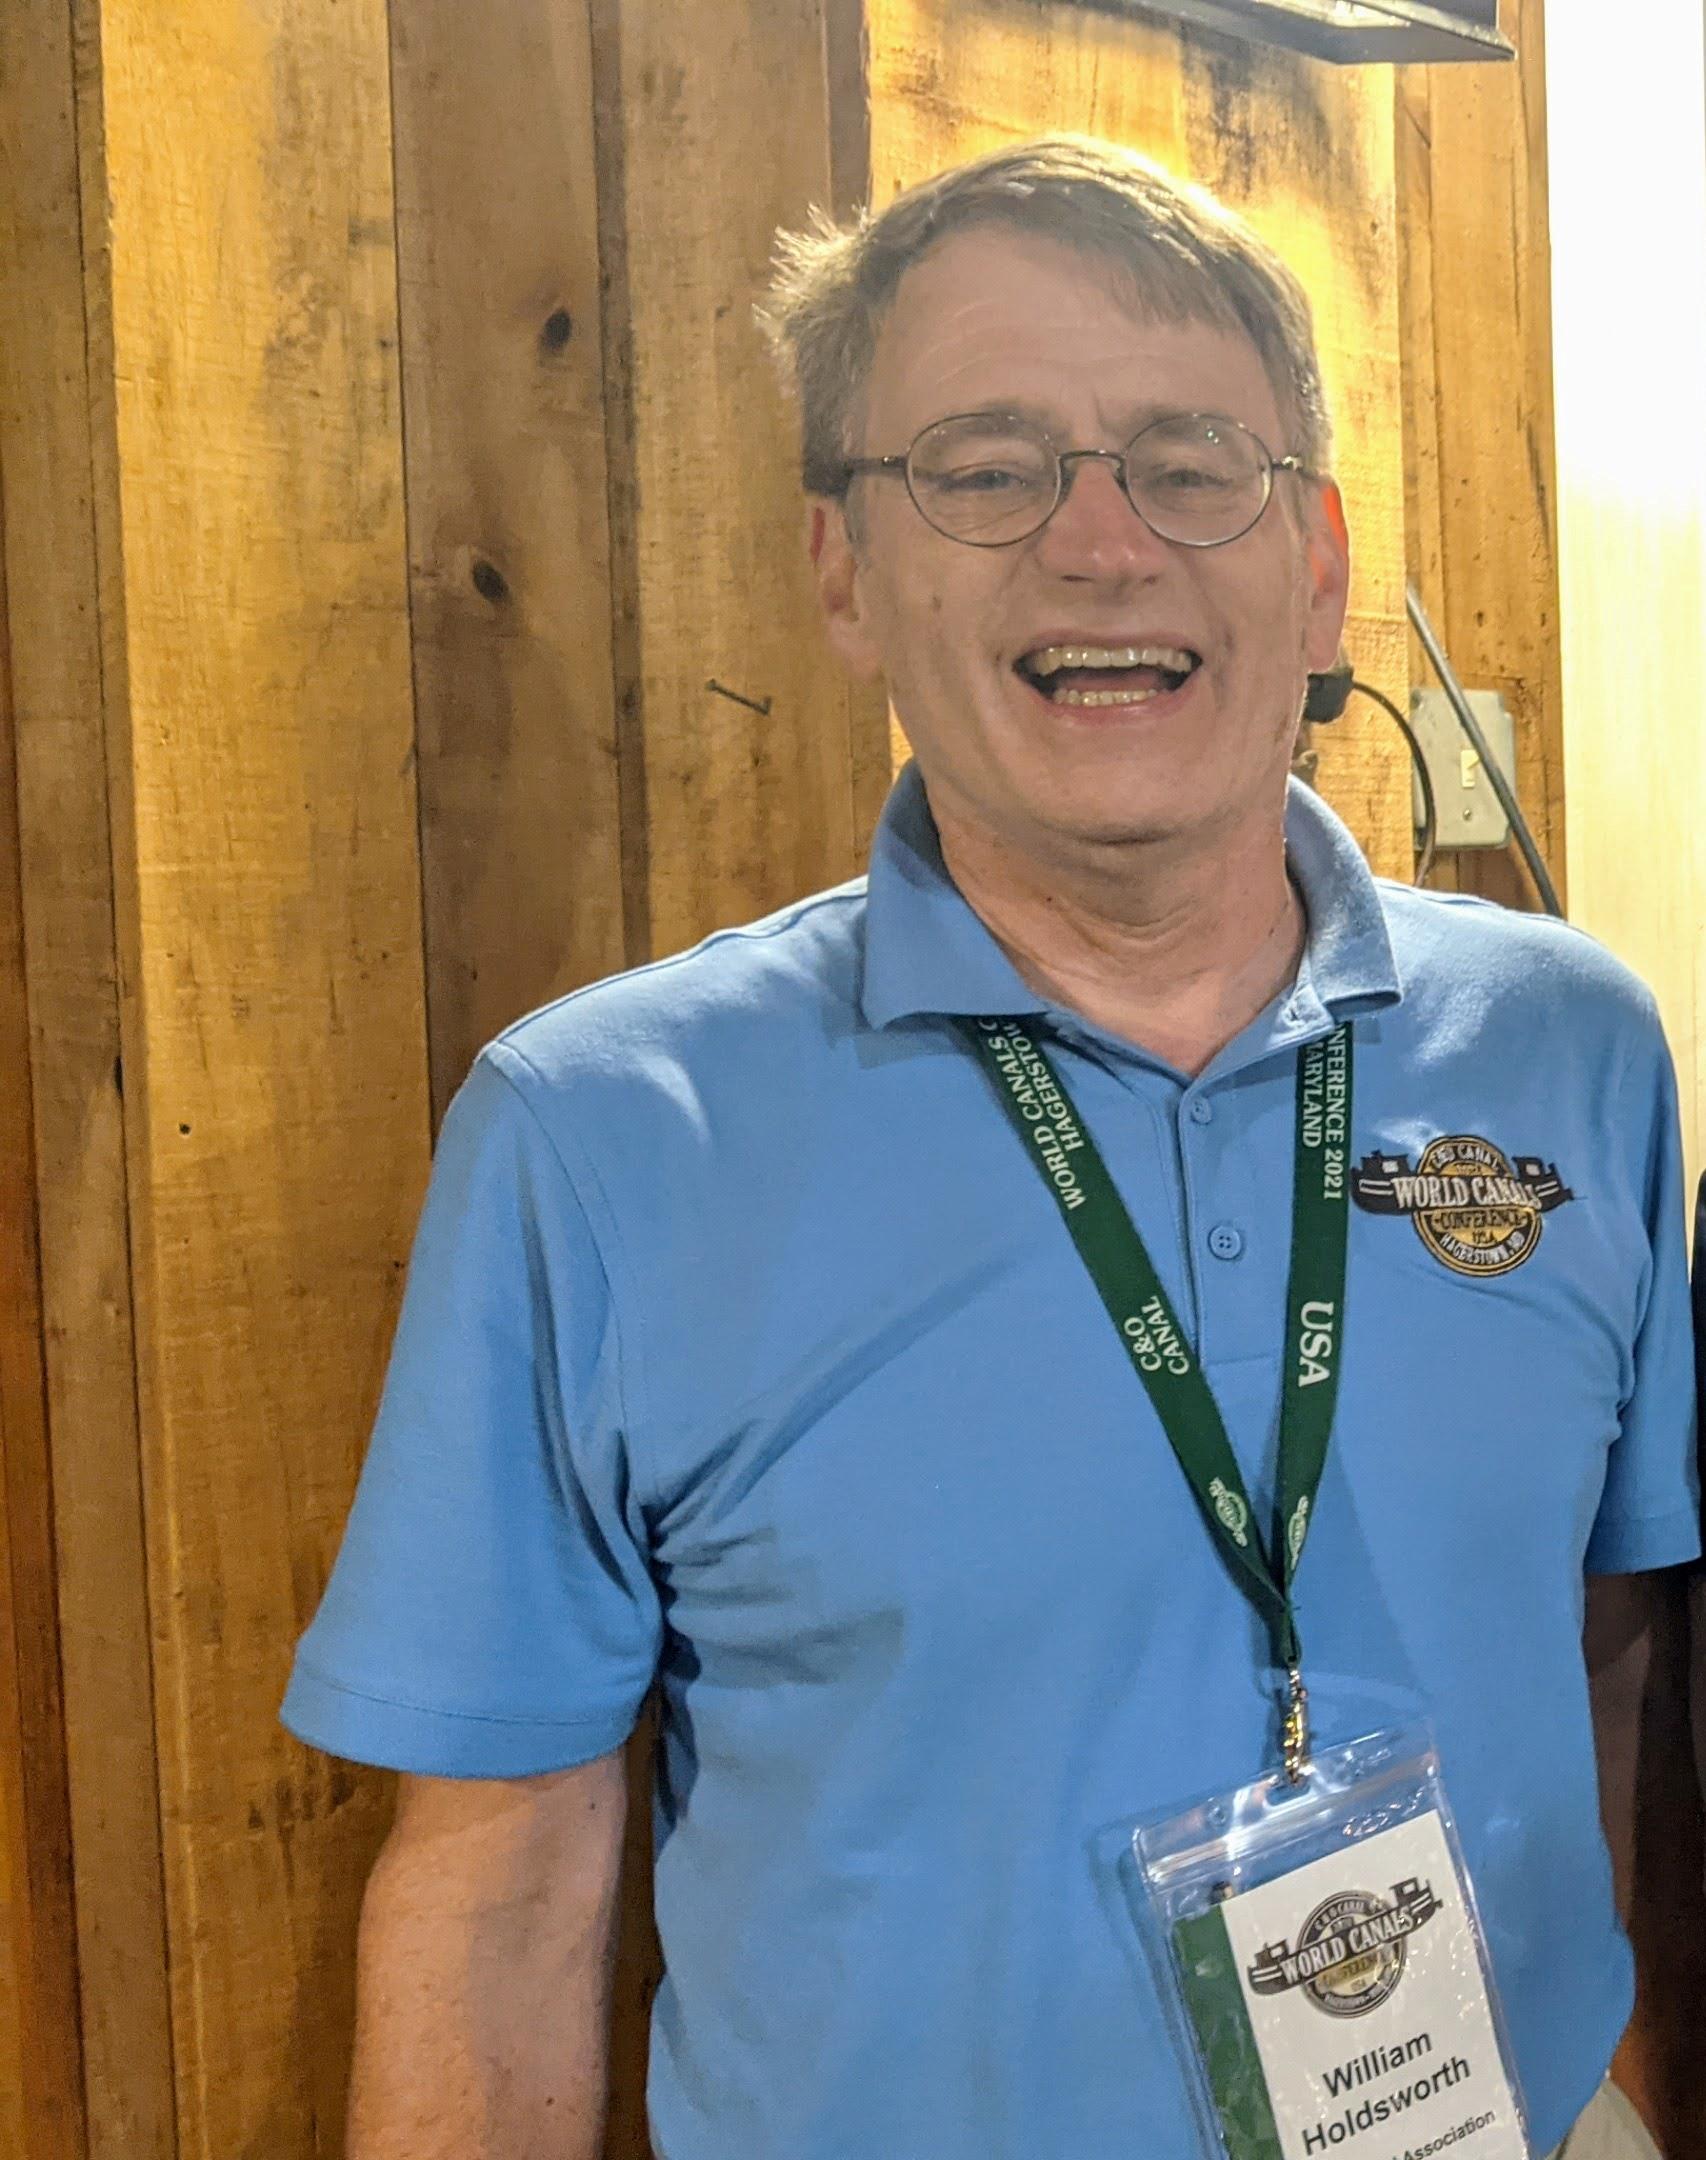 WCC polo shirt